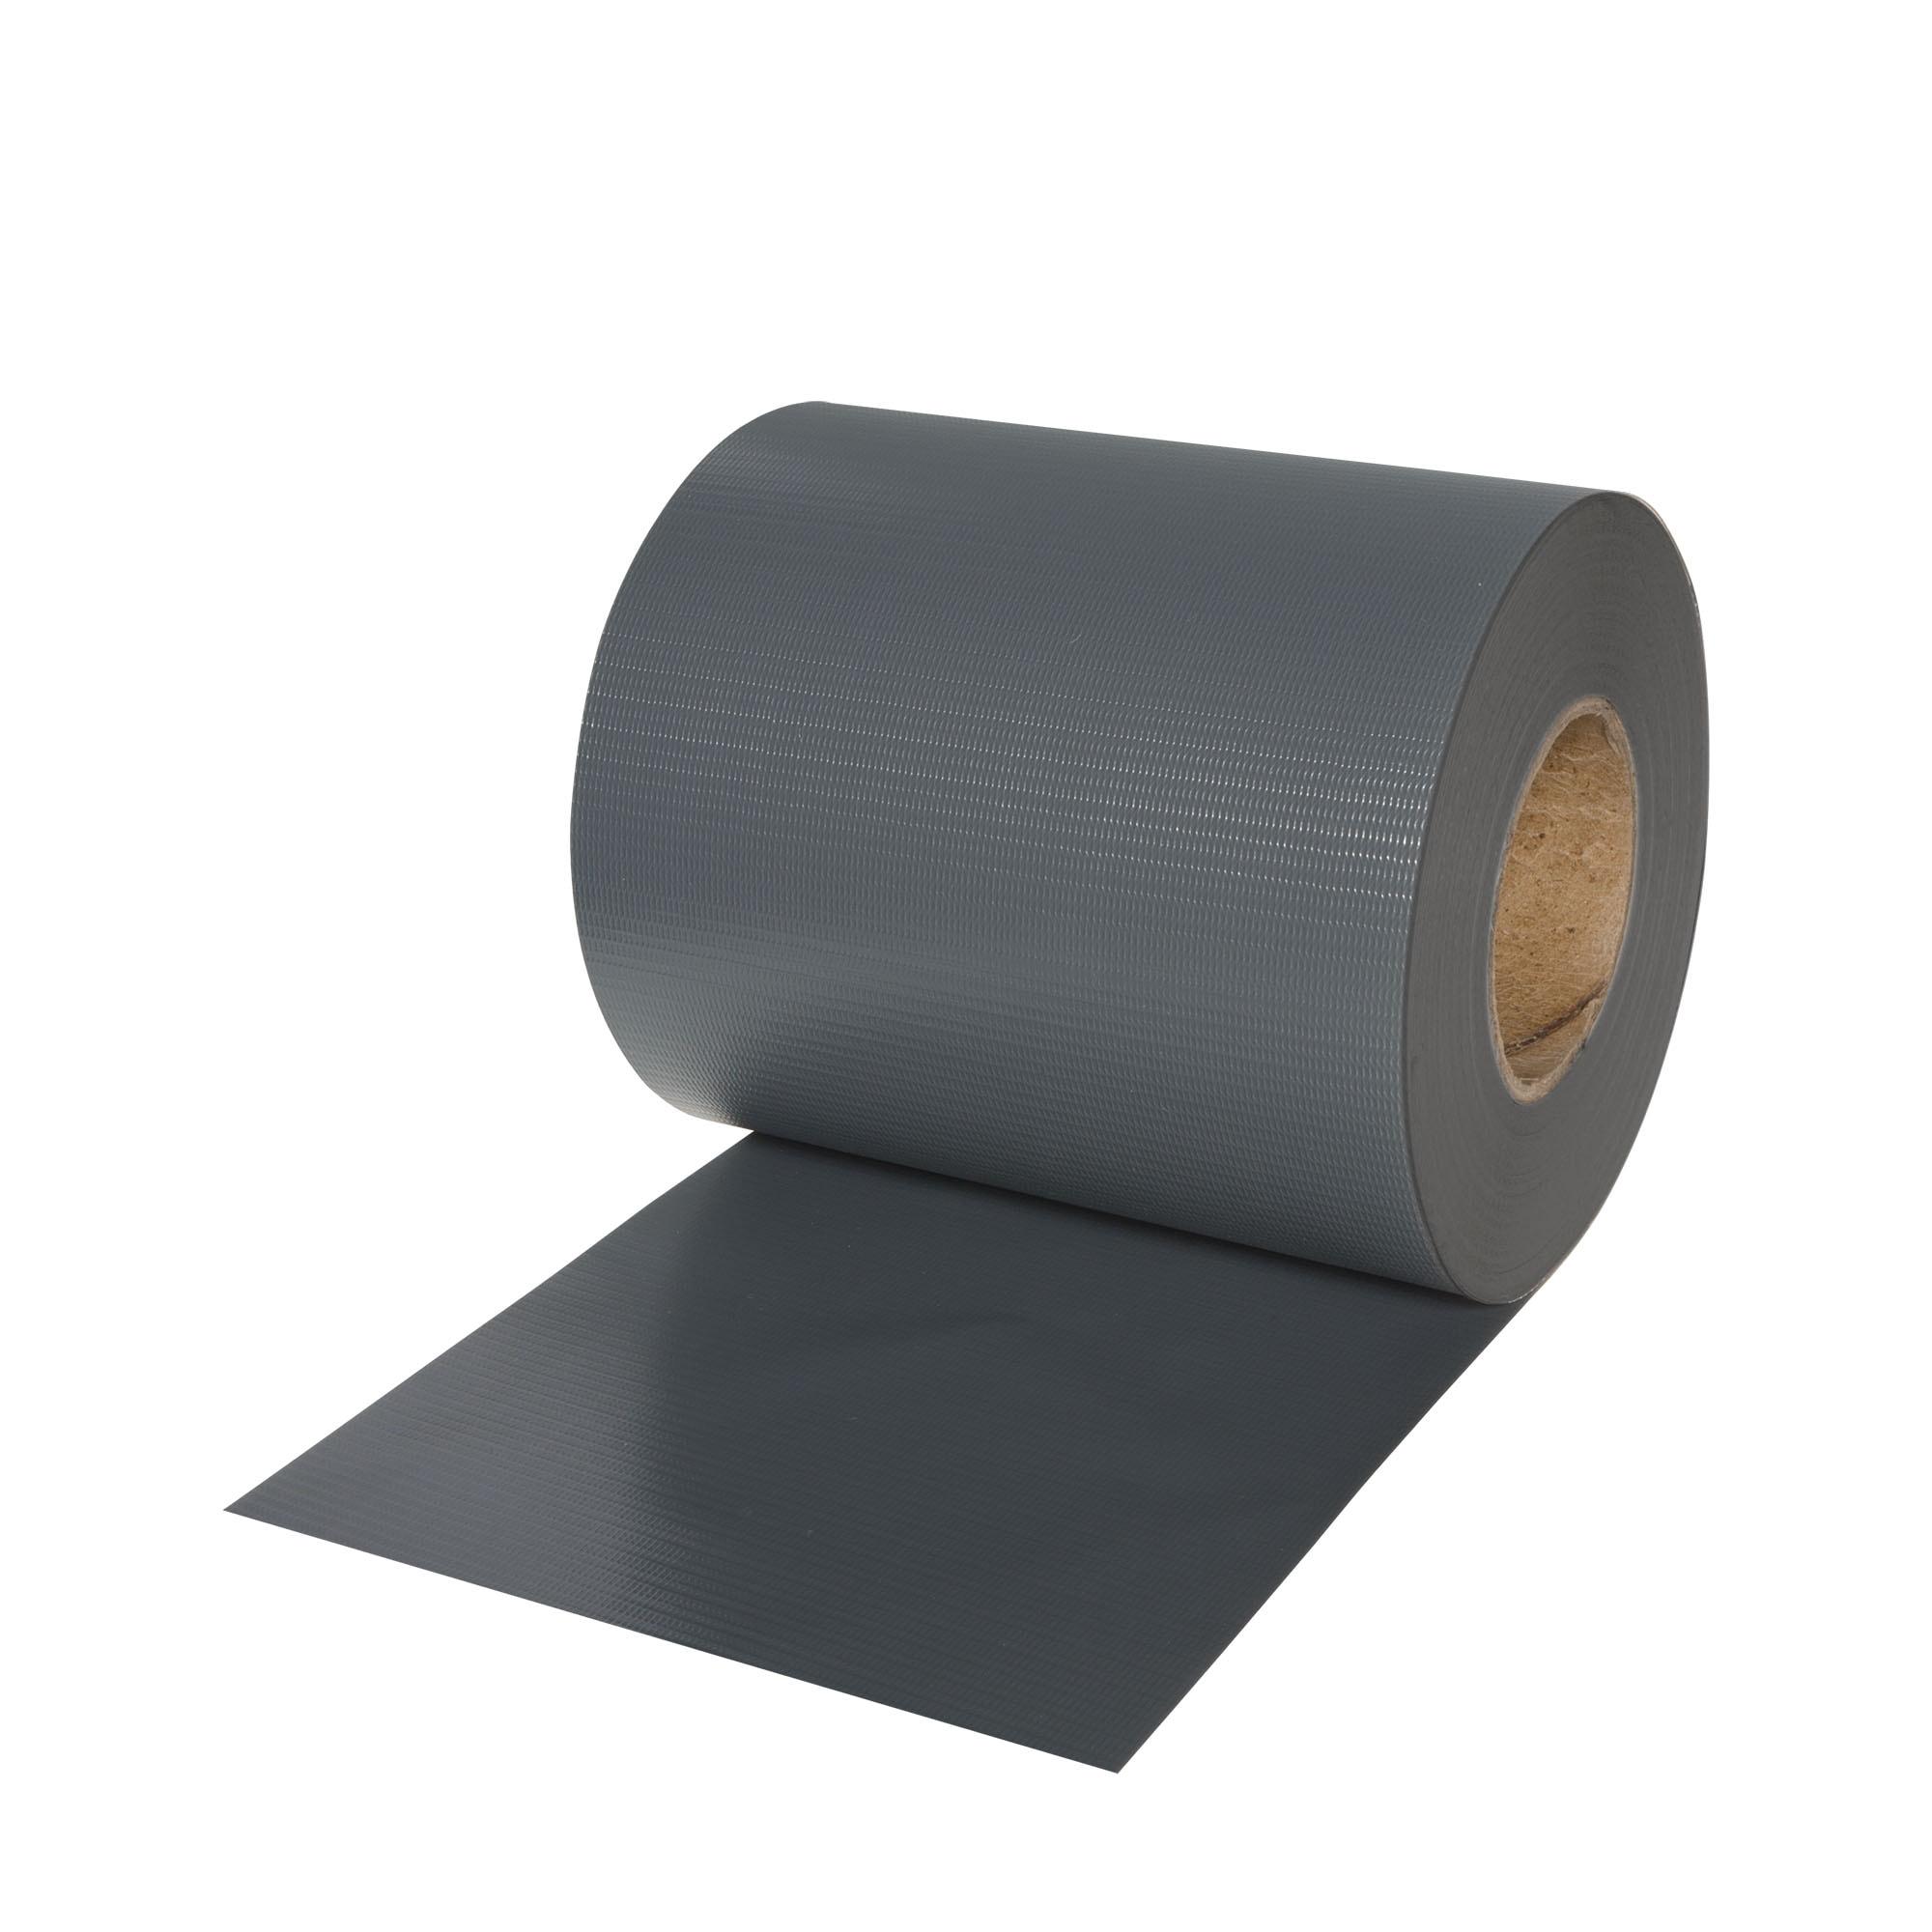 jarolift pvc pare vue bandes zaunstreifen brise pare vue. Black Bedroom Furniture Sets. Home Design Ideas